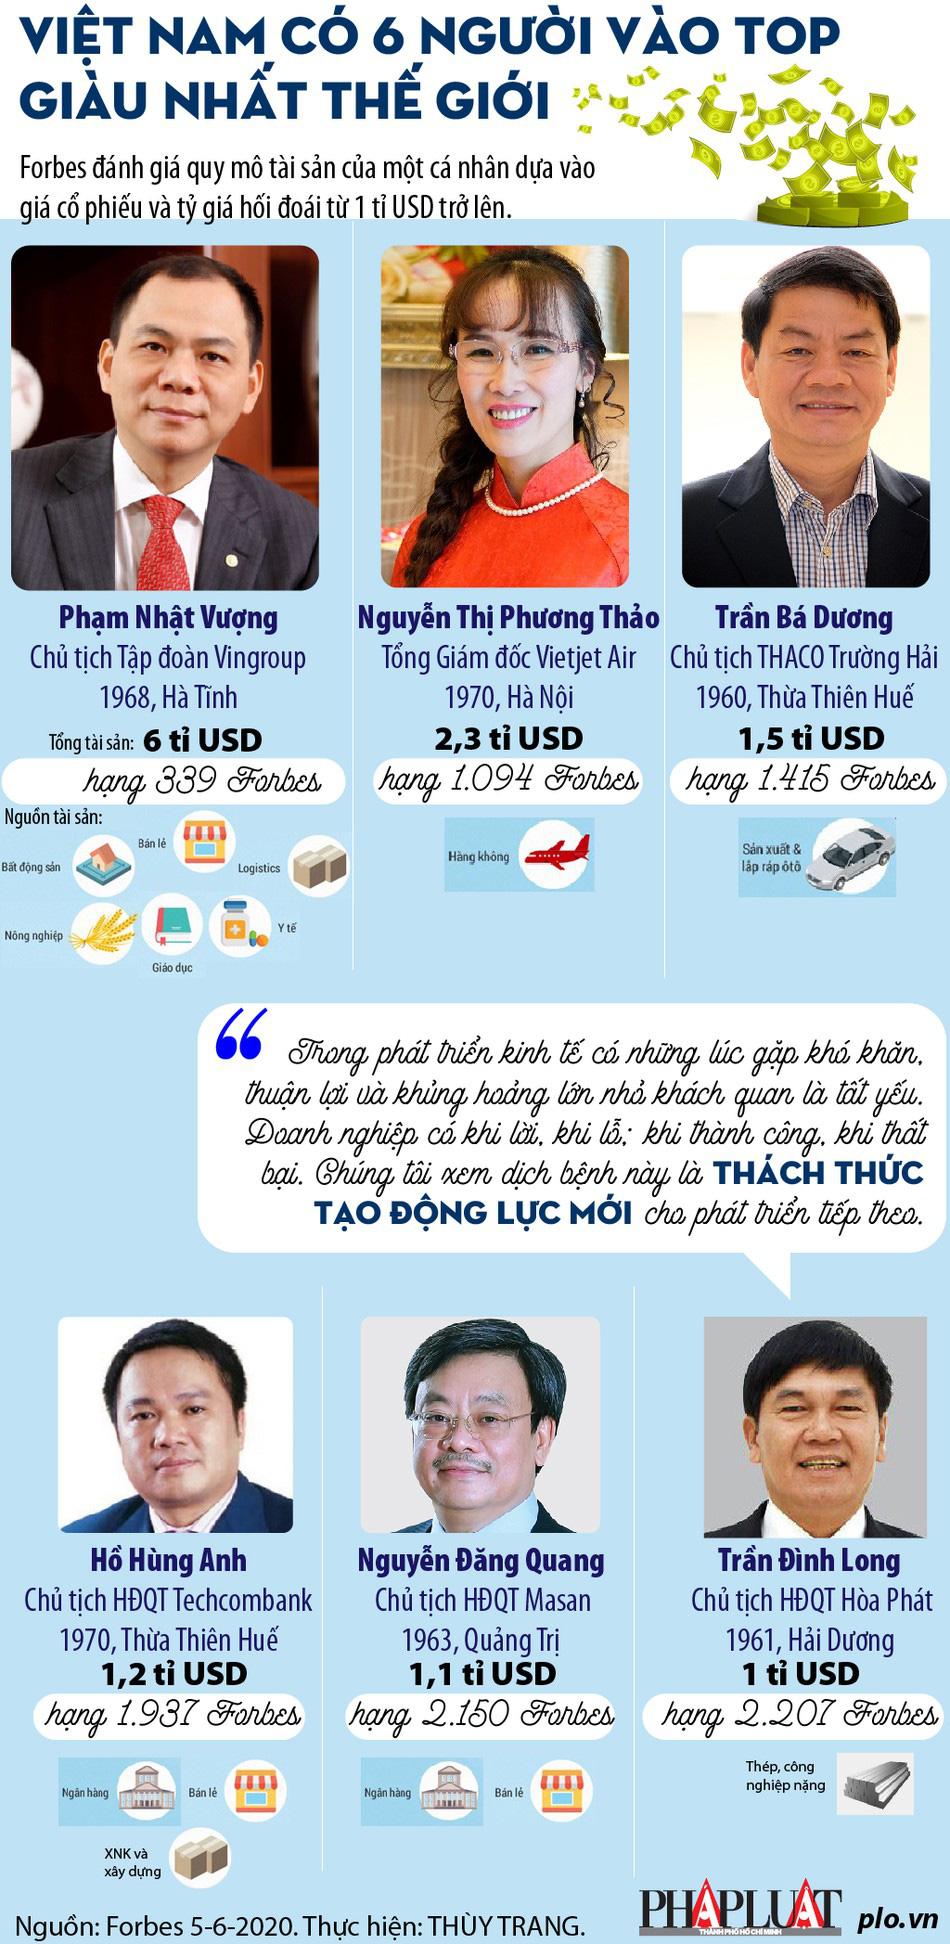 6 tỉ phú USD người Việt vào top giàu nhất thế giới - Ảnh 1.